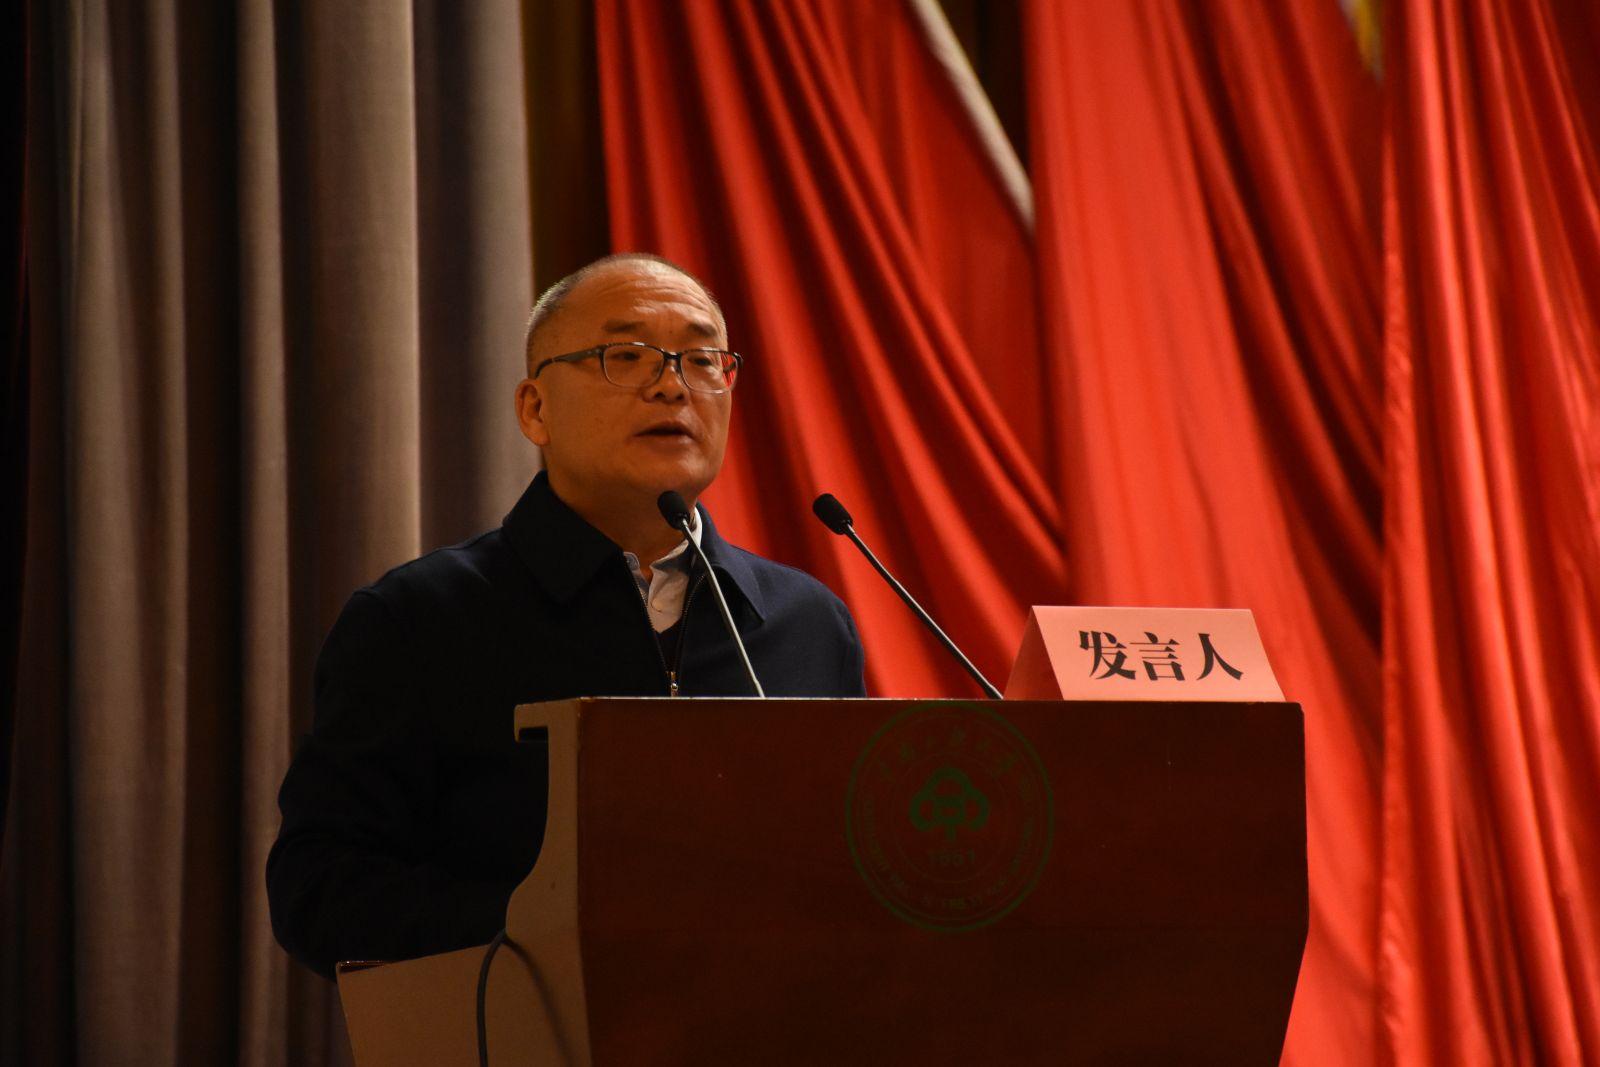 中国人类学民族学研究会常务副会长石玉钢发表讲话